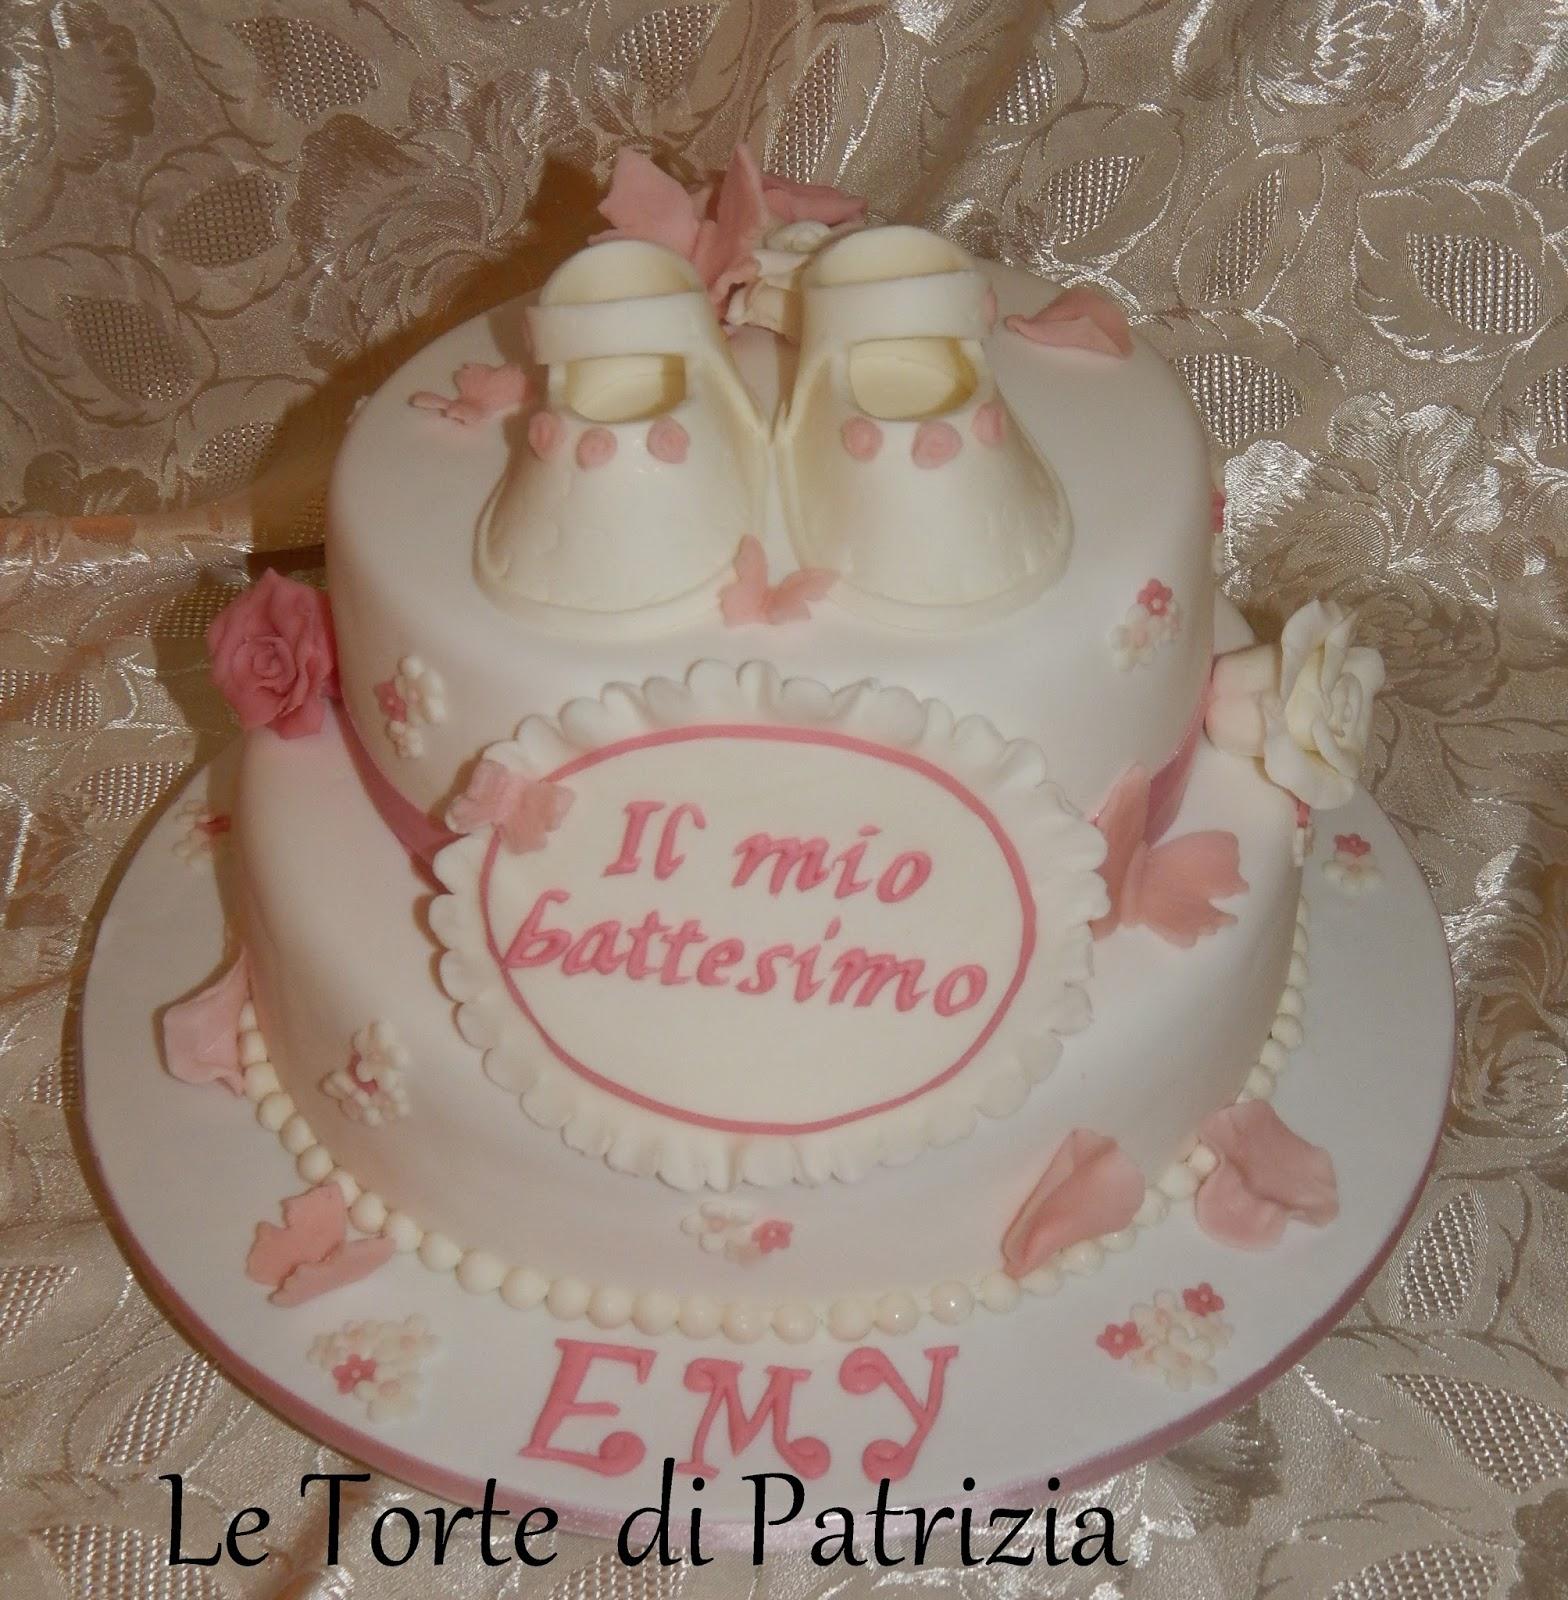 Le torte di patrizia passione e fantasia battesimo emy